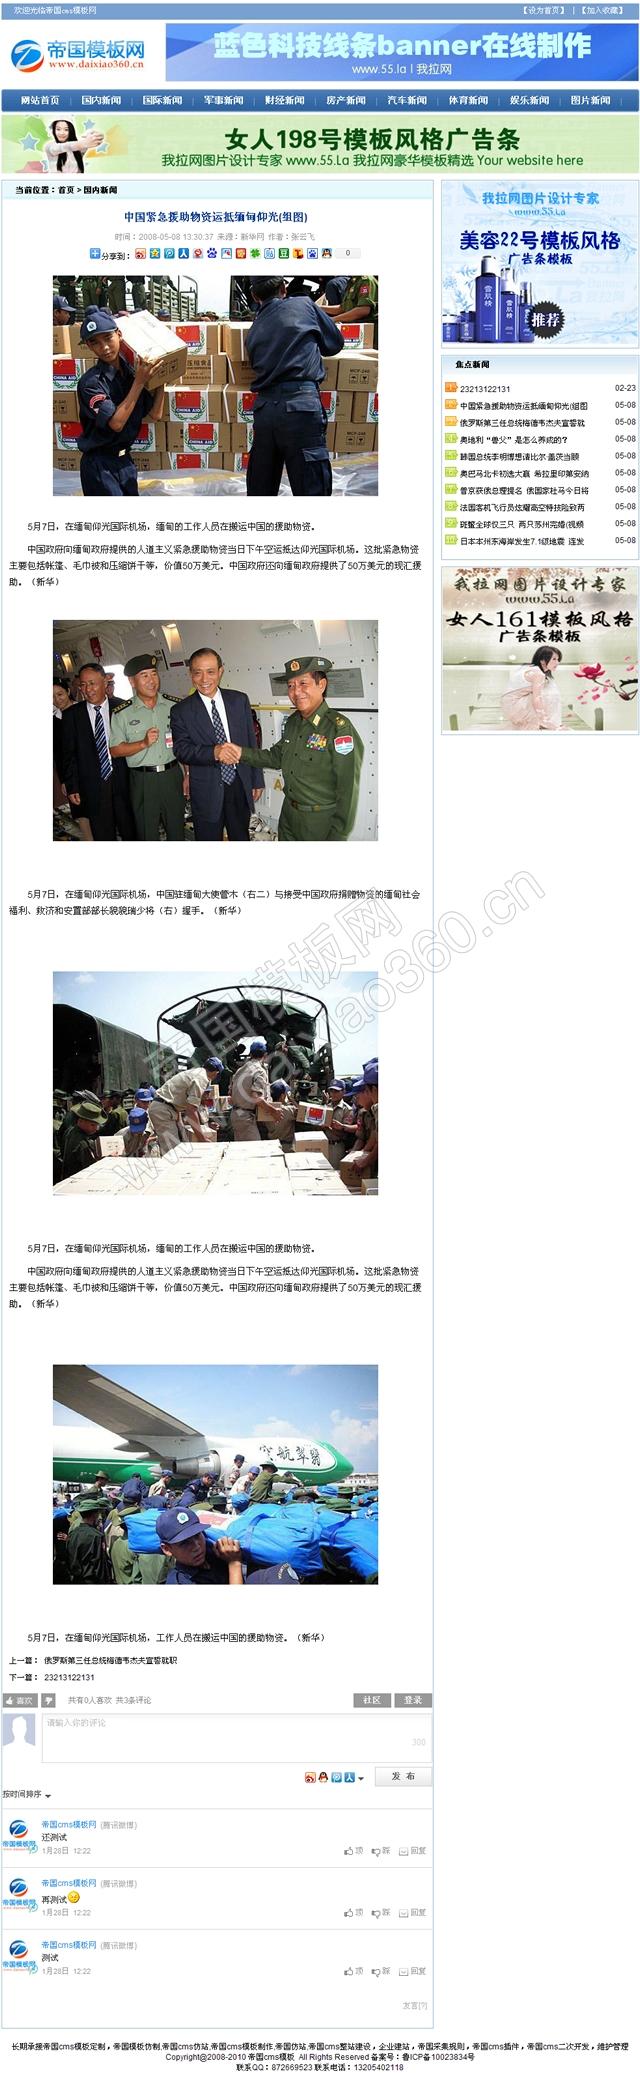 帝国cms新闻文章资讯网站模板简单大气_内容页